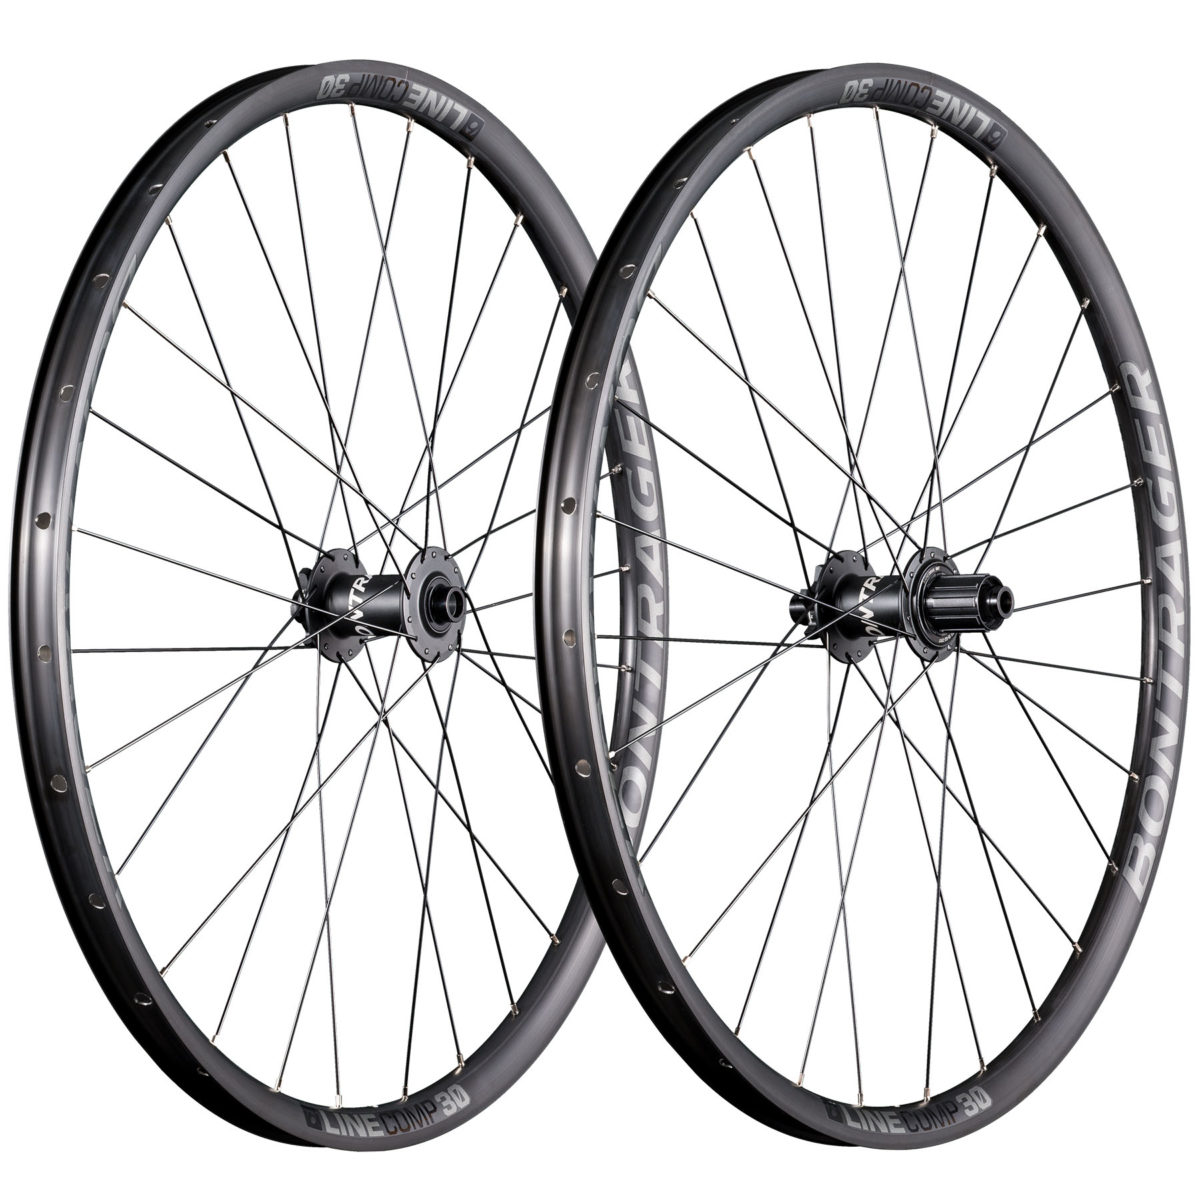 21916_A_2_Bontrager_Line_Comp_30_29D_Wheel